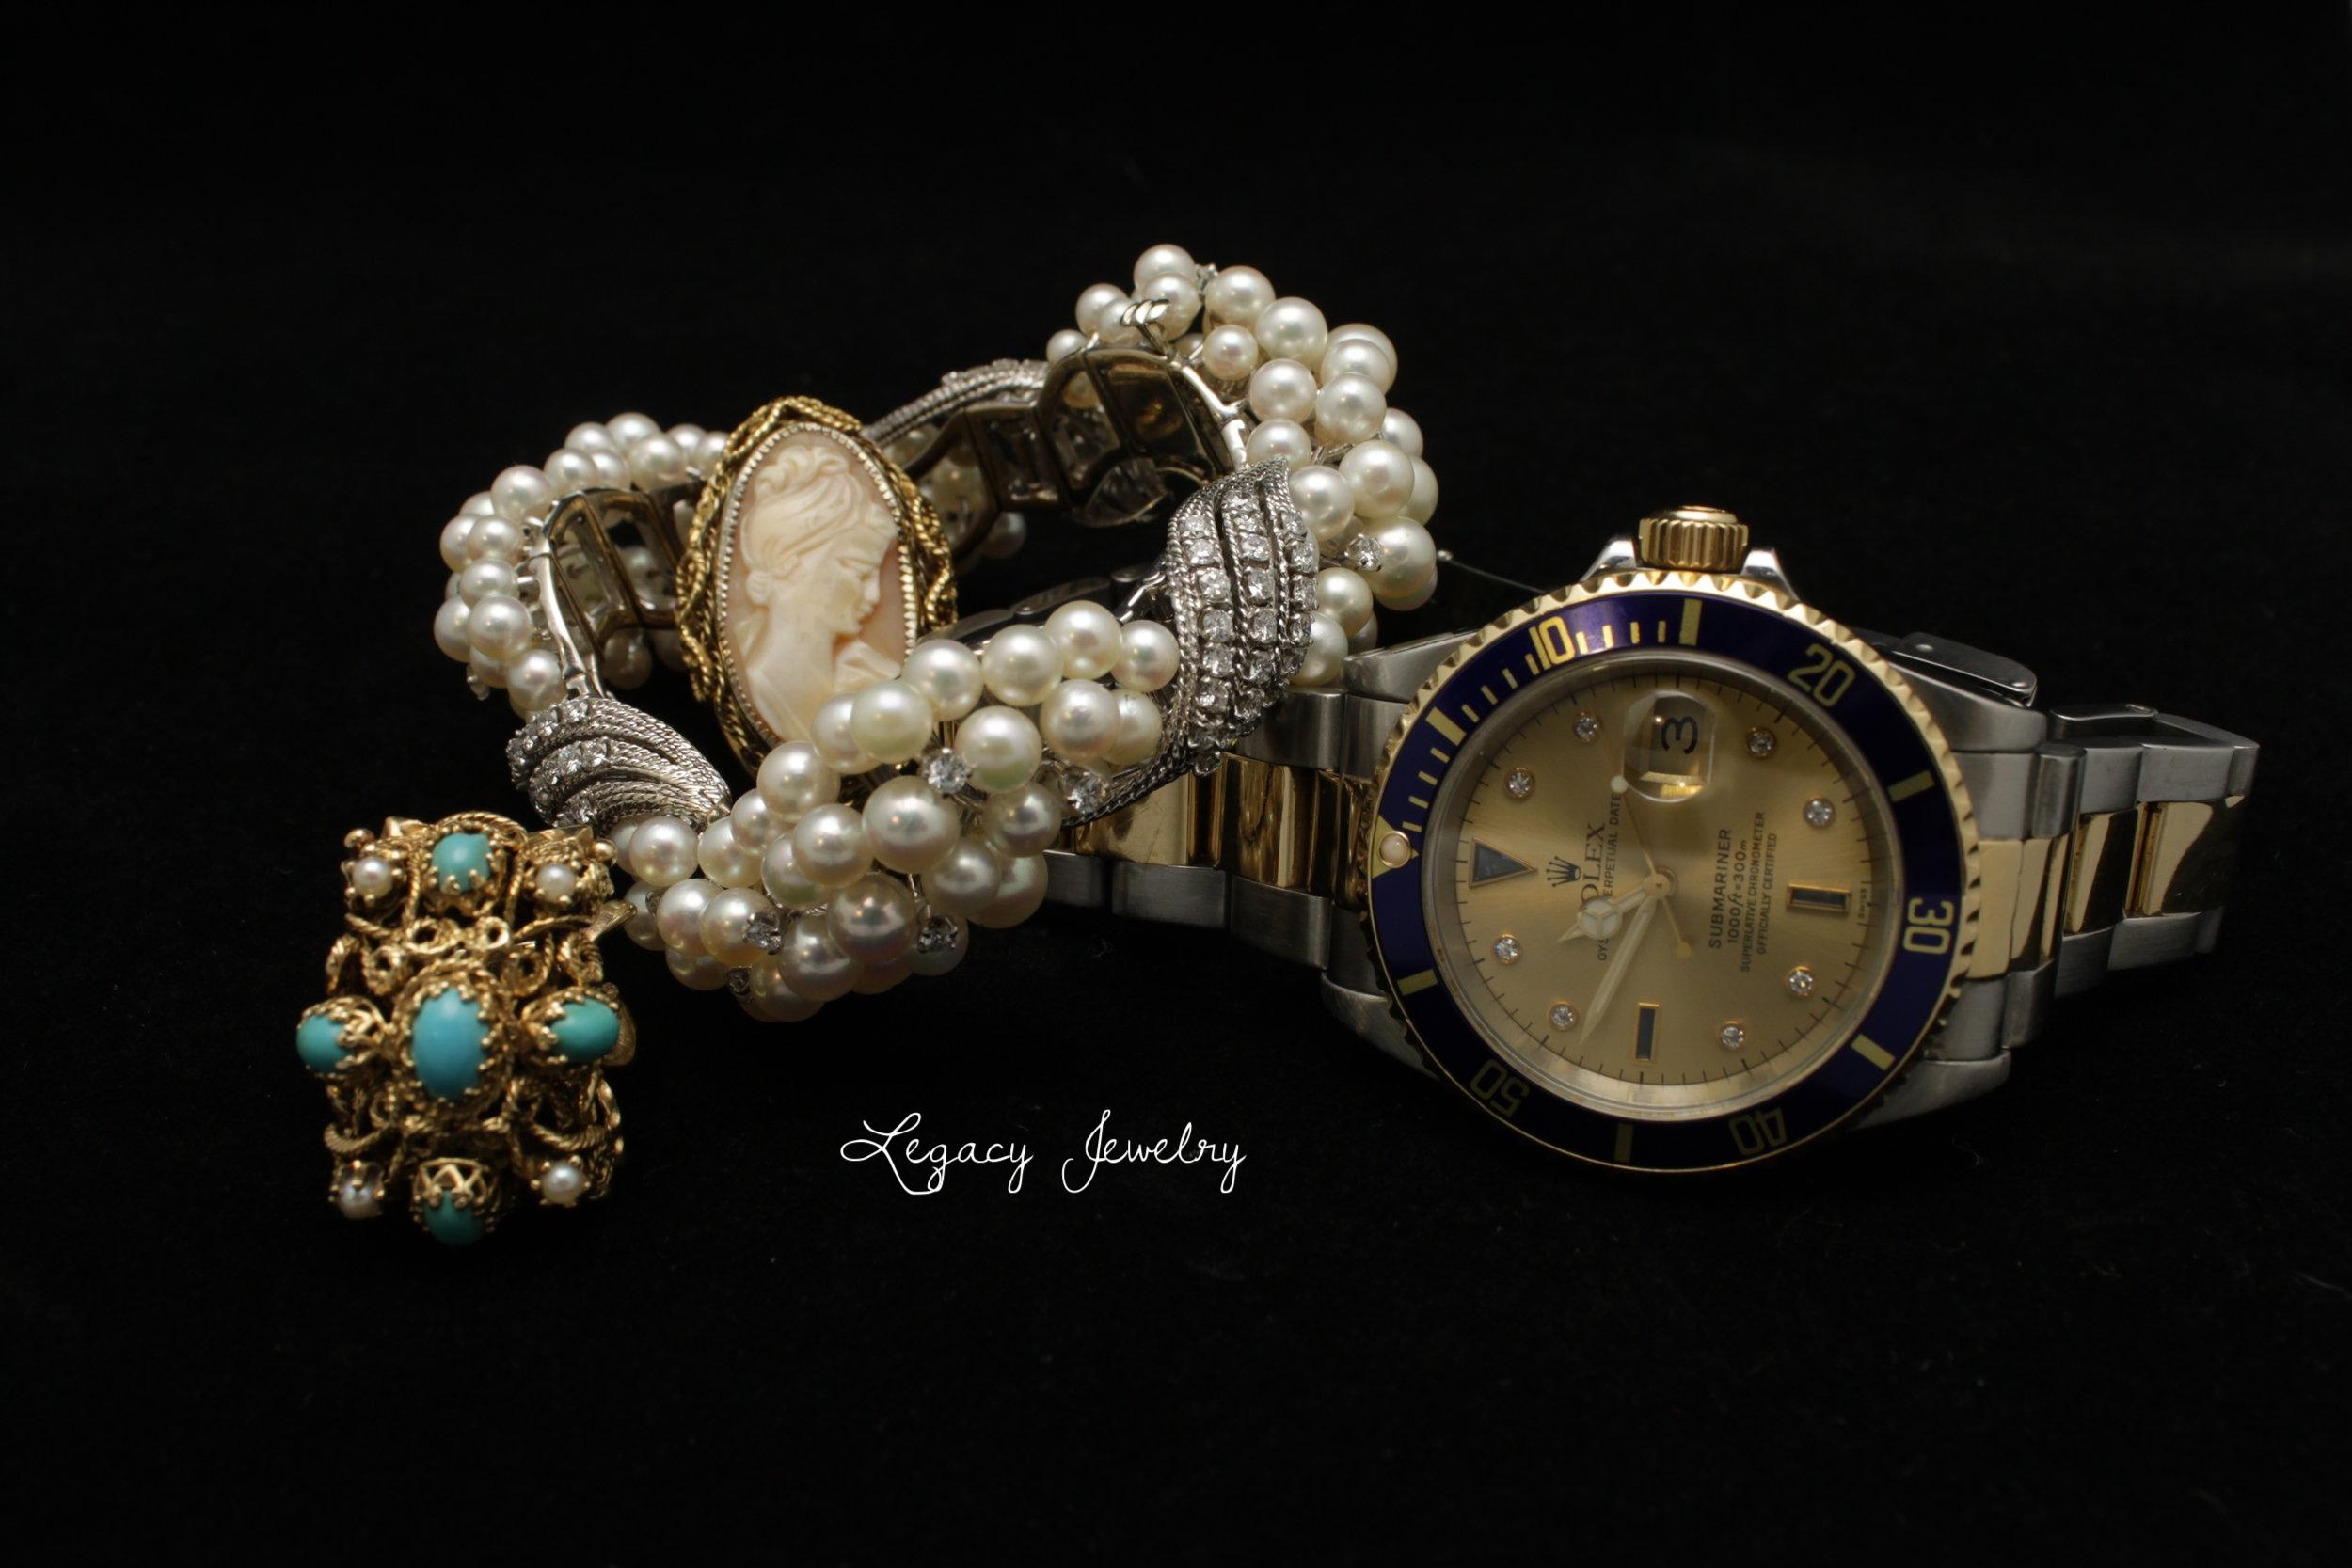 Legacy Jewelry - Buyers